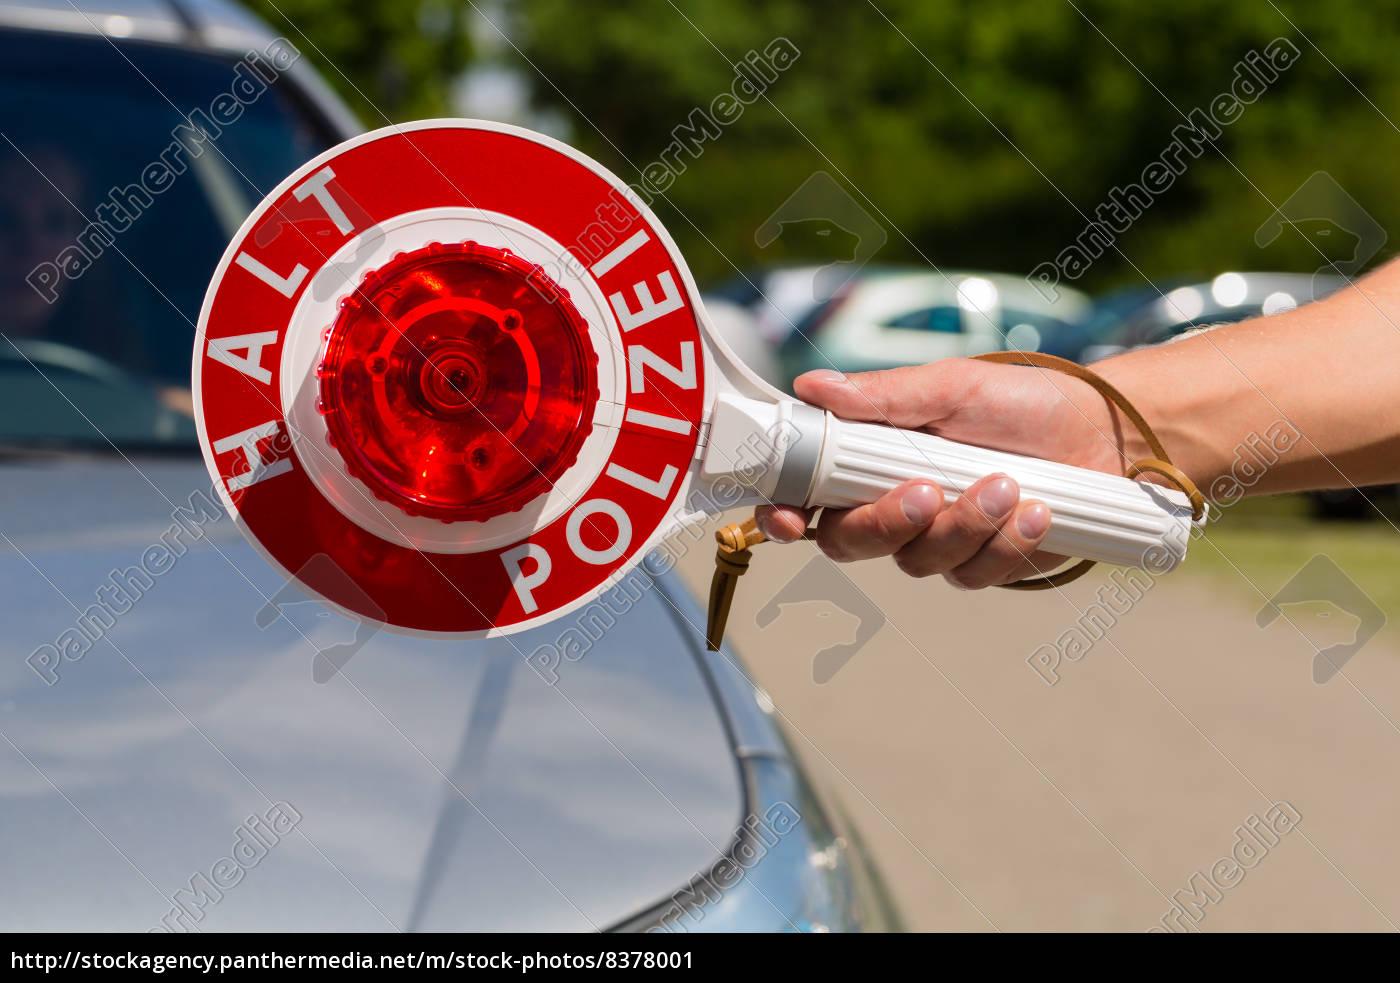 polizist, oder, polizei, in, streife, hält - 8378001